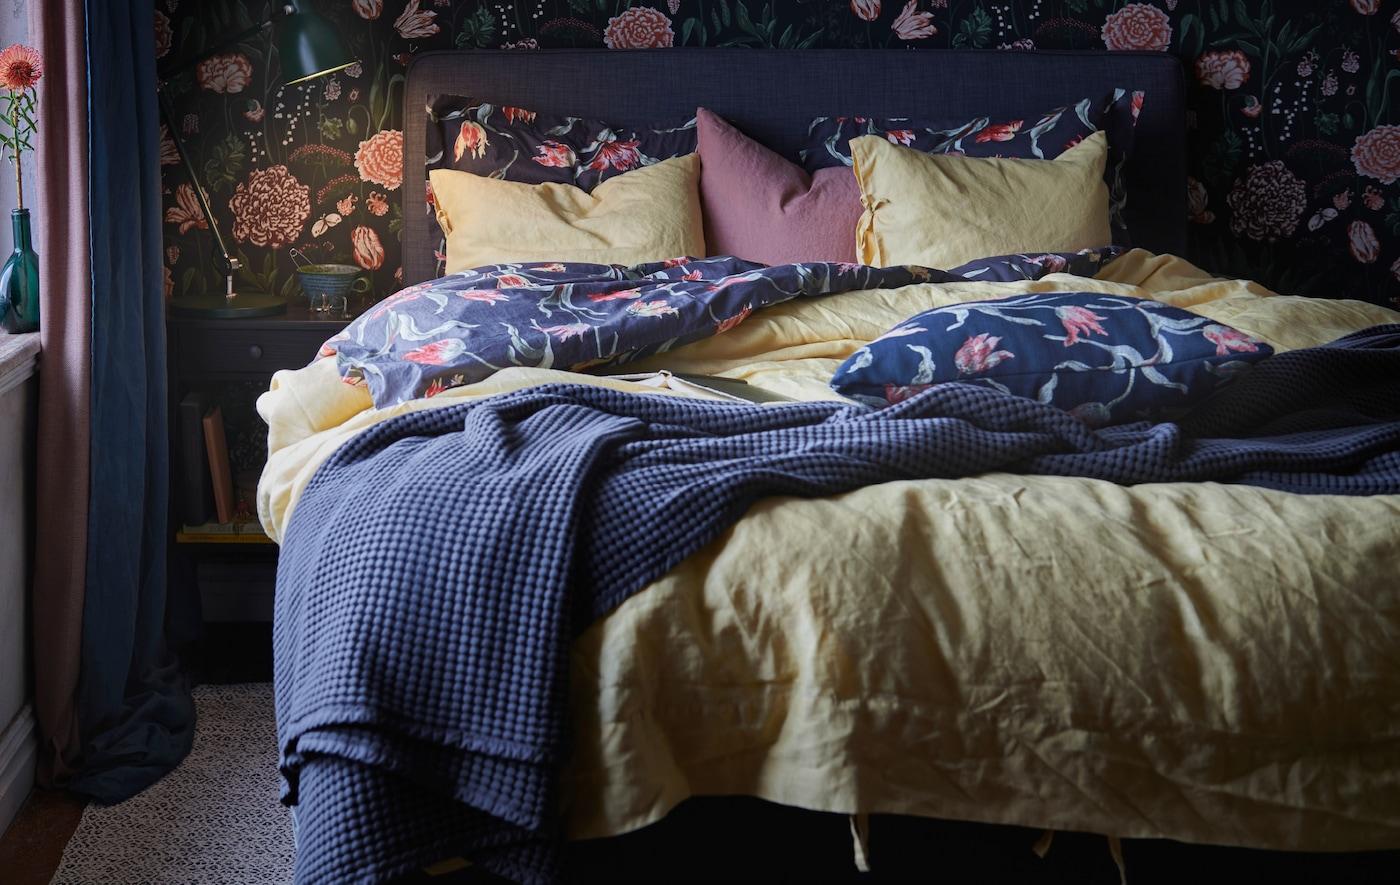 Un pat confortabil cu două pilote, perne și cuvertură de pat. Alături este o noptieră cu o veioză aprinsă și o cană.